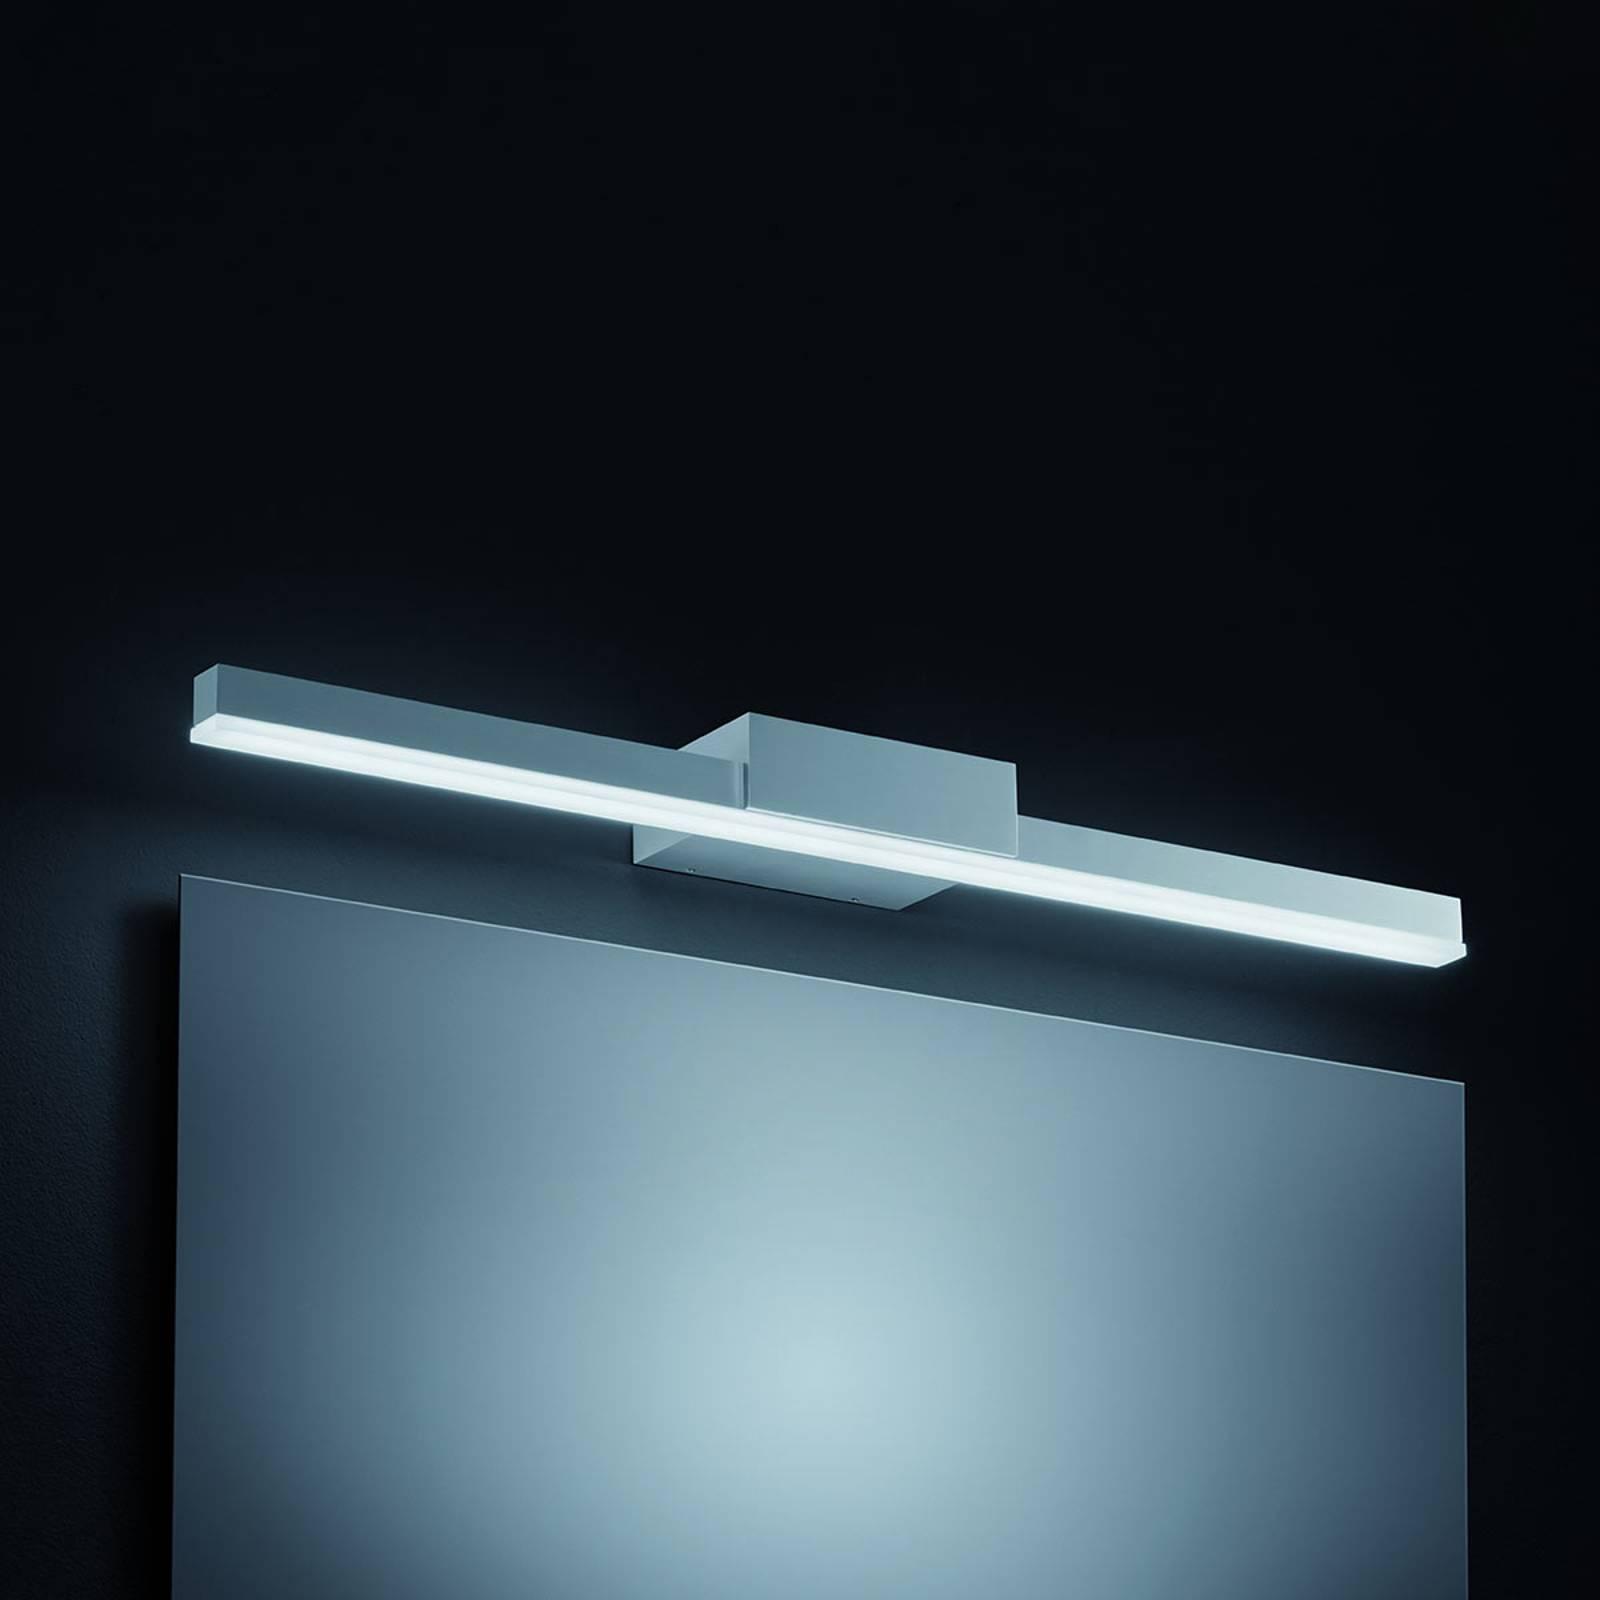 Applique pour miroir LED Ivy, 60cm, aluminium mat